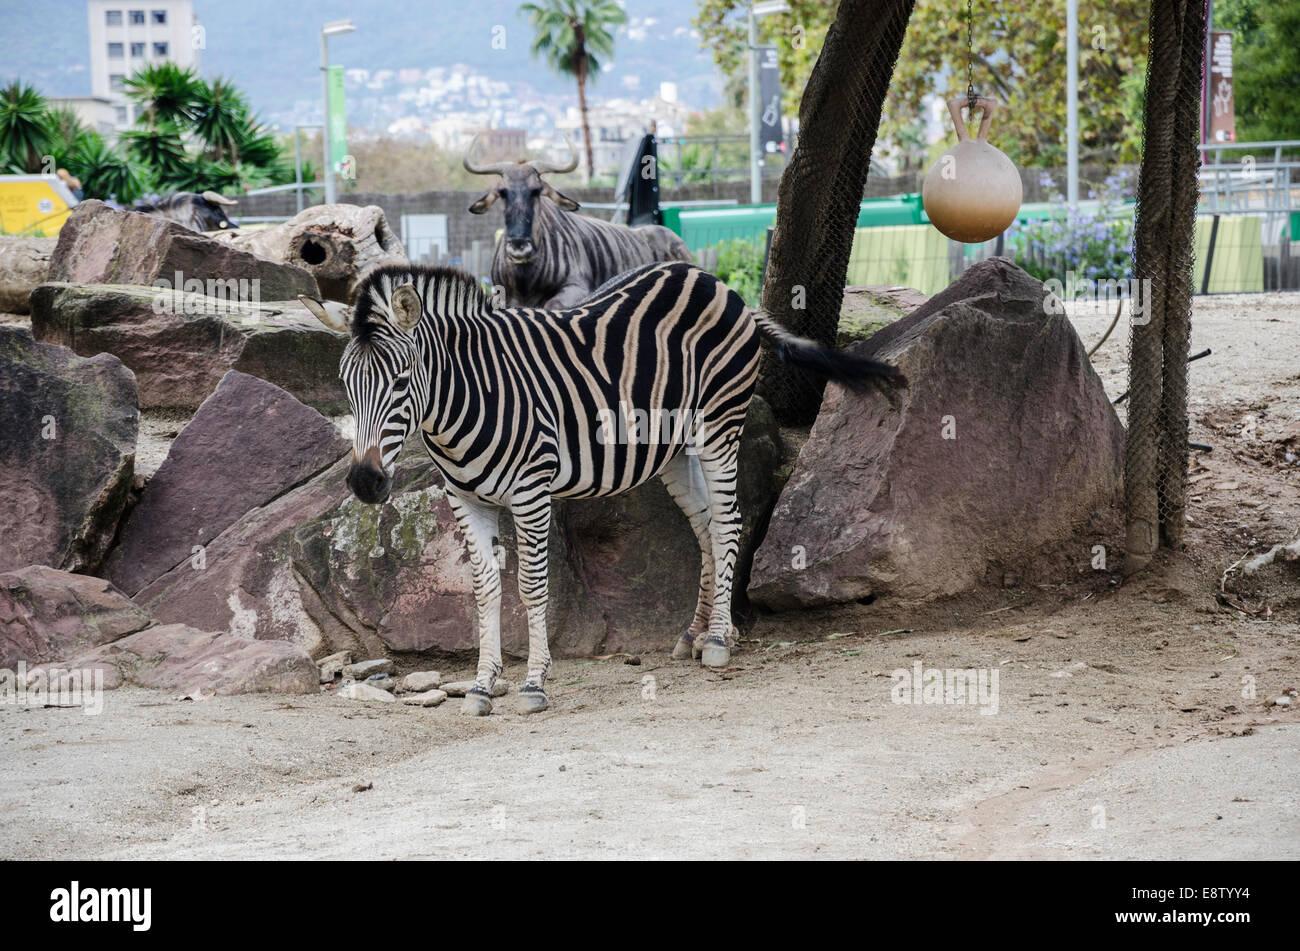 Cautivante fotografía de una cebra en el zoo de Barcelona. La cebra ...